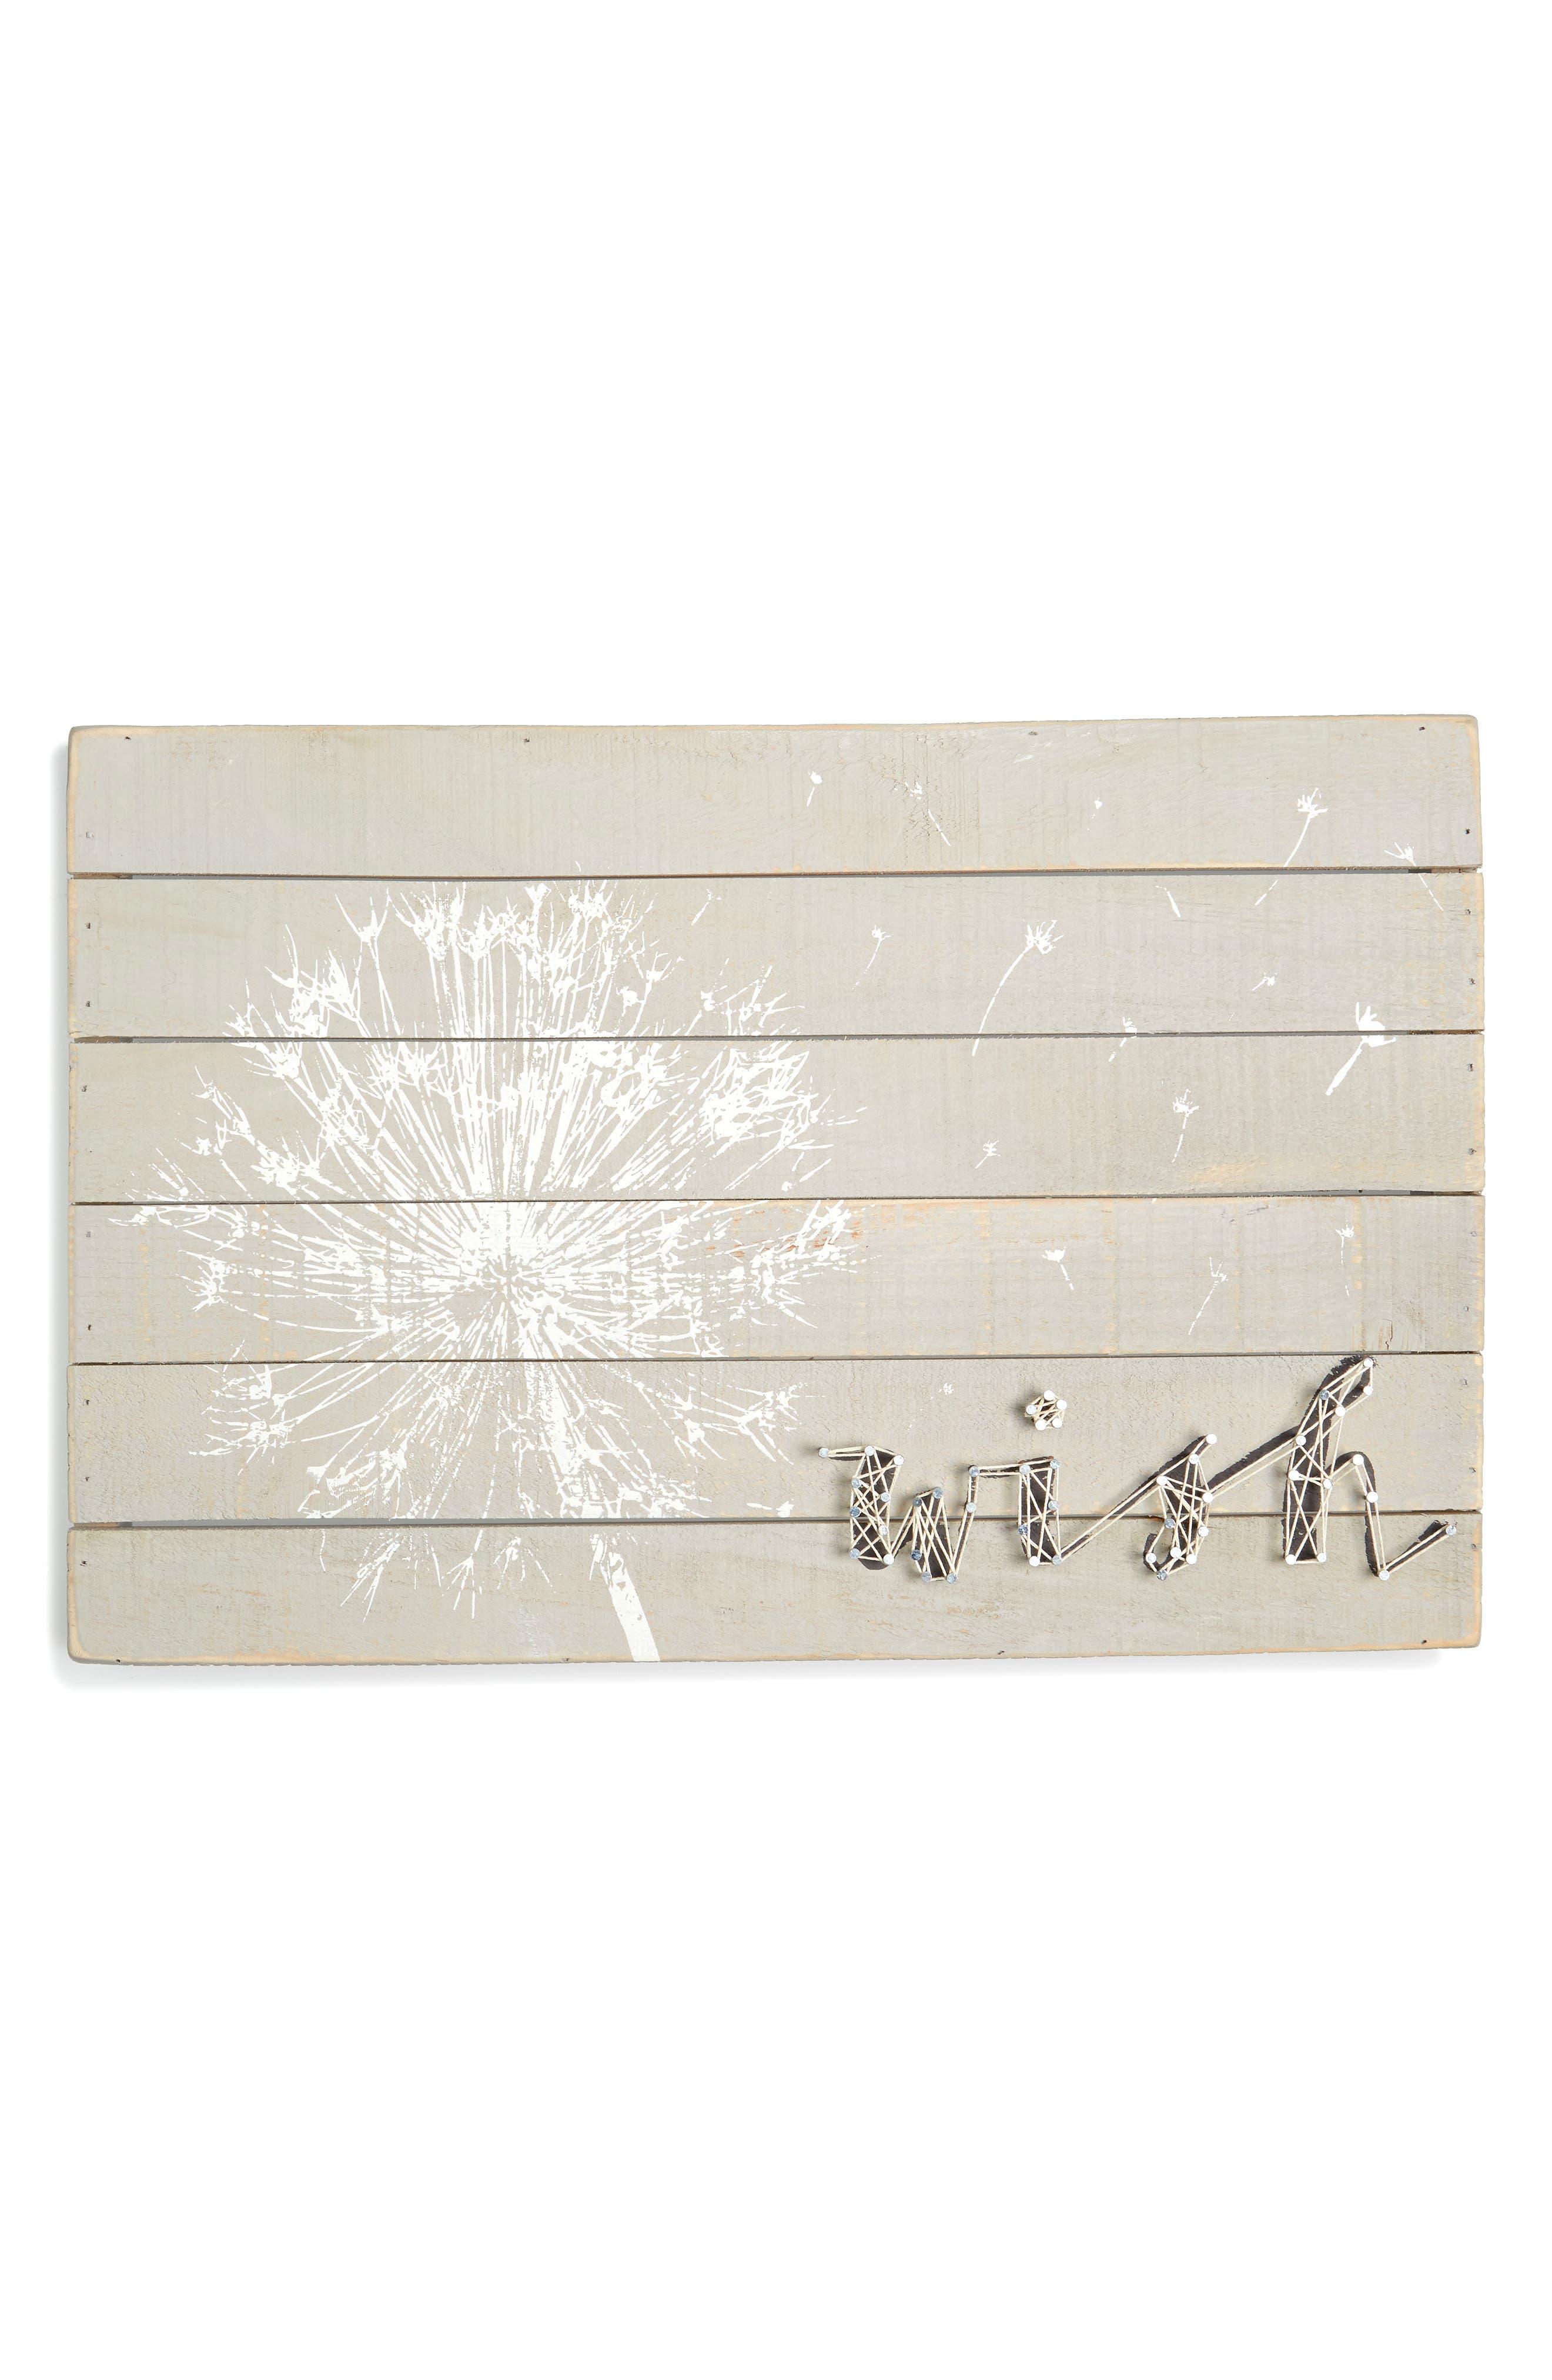 Make a Wish String Art Box Sign,                             Main thumbnail 1, color,                             Grey